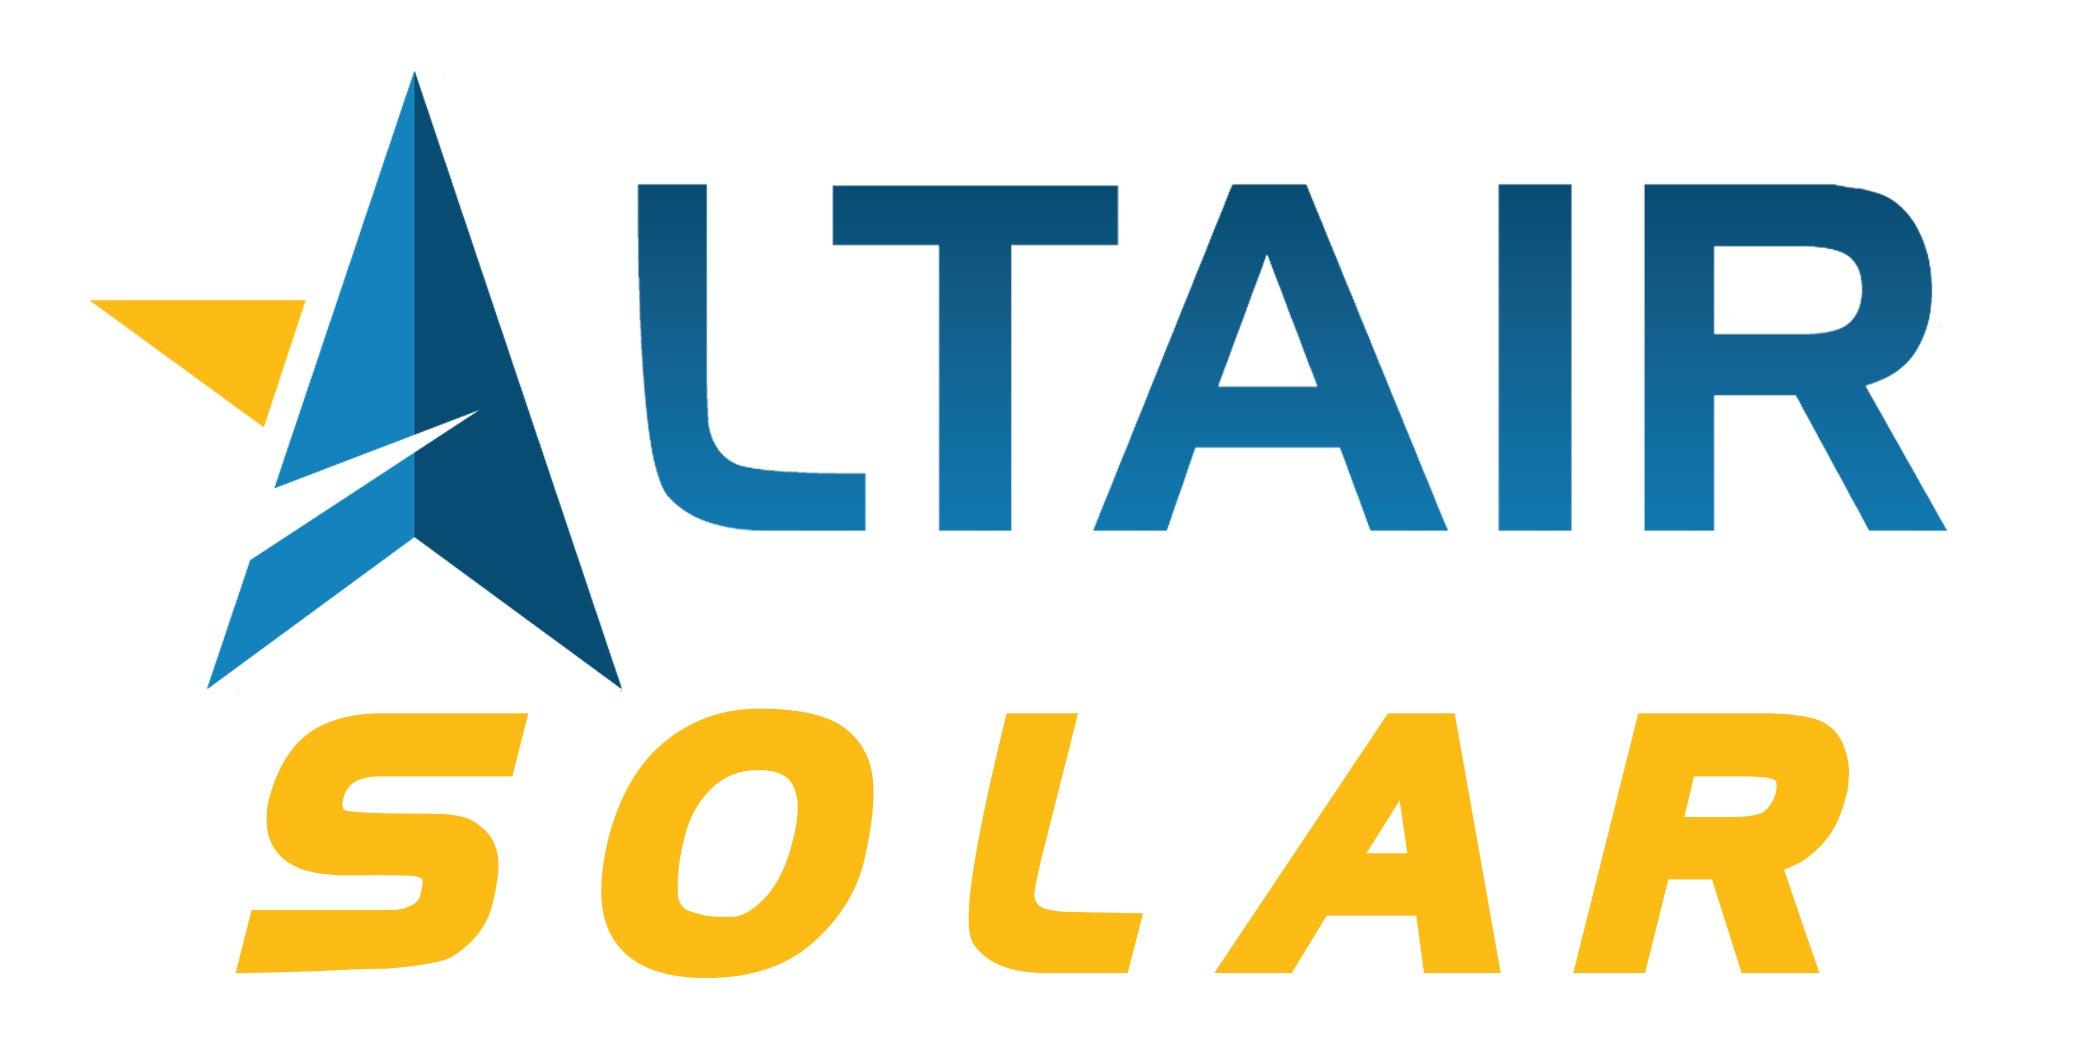 Altair Solar Inc